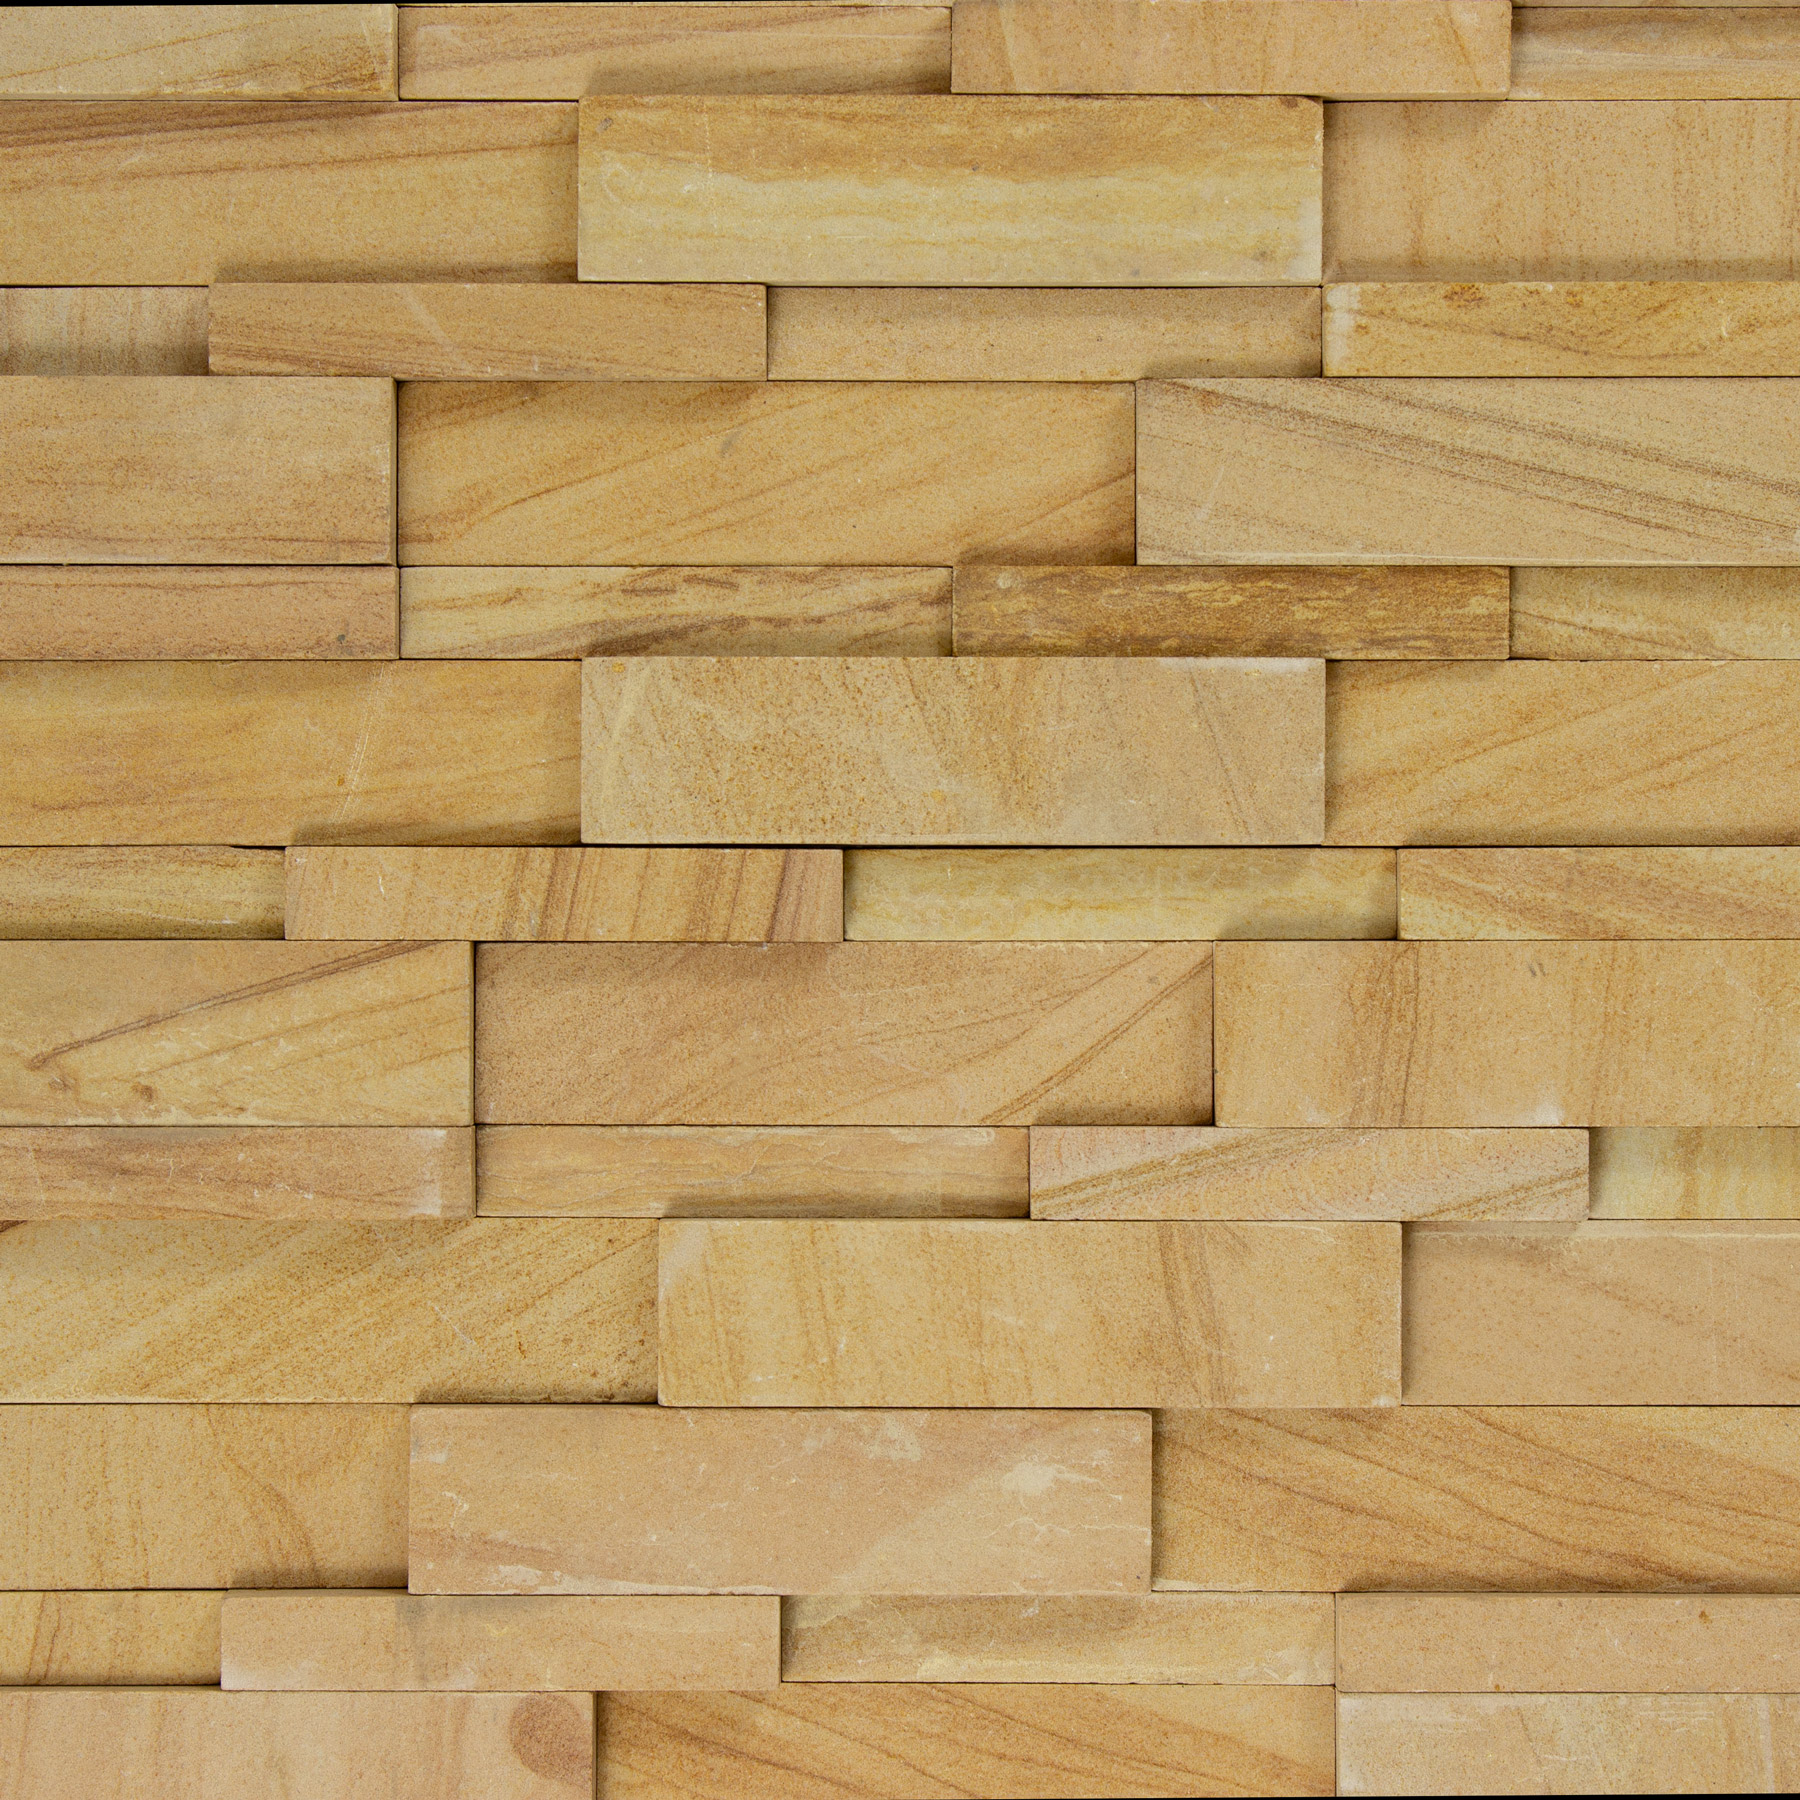 Teakwood Ledger Panel Closeup